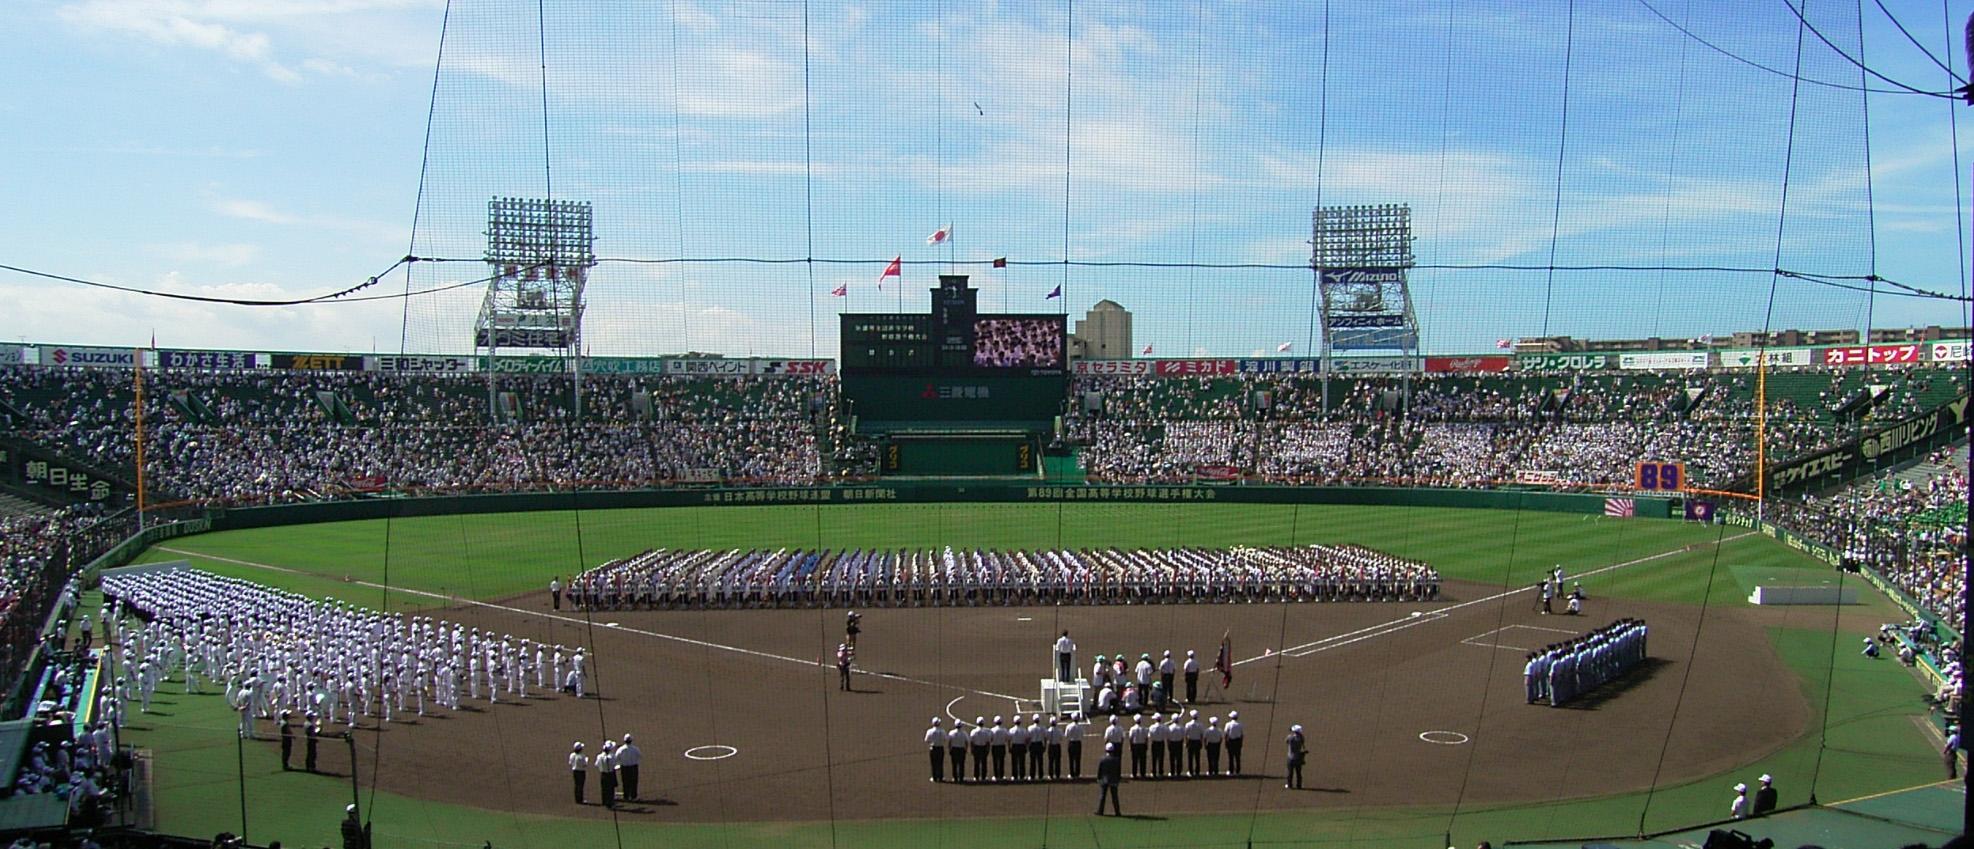 Hanshin_Koshien_Stadium_2007-19.jpg